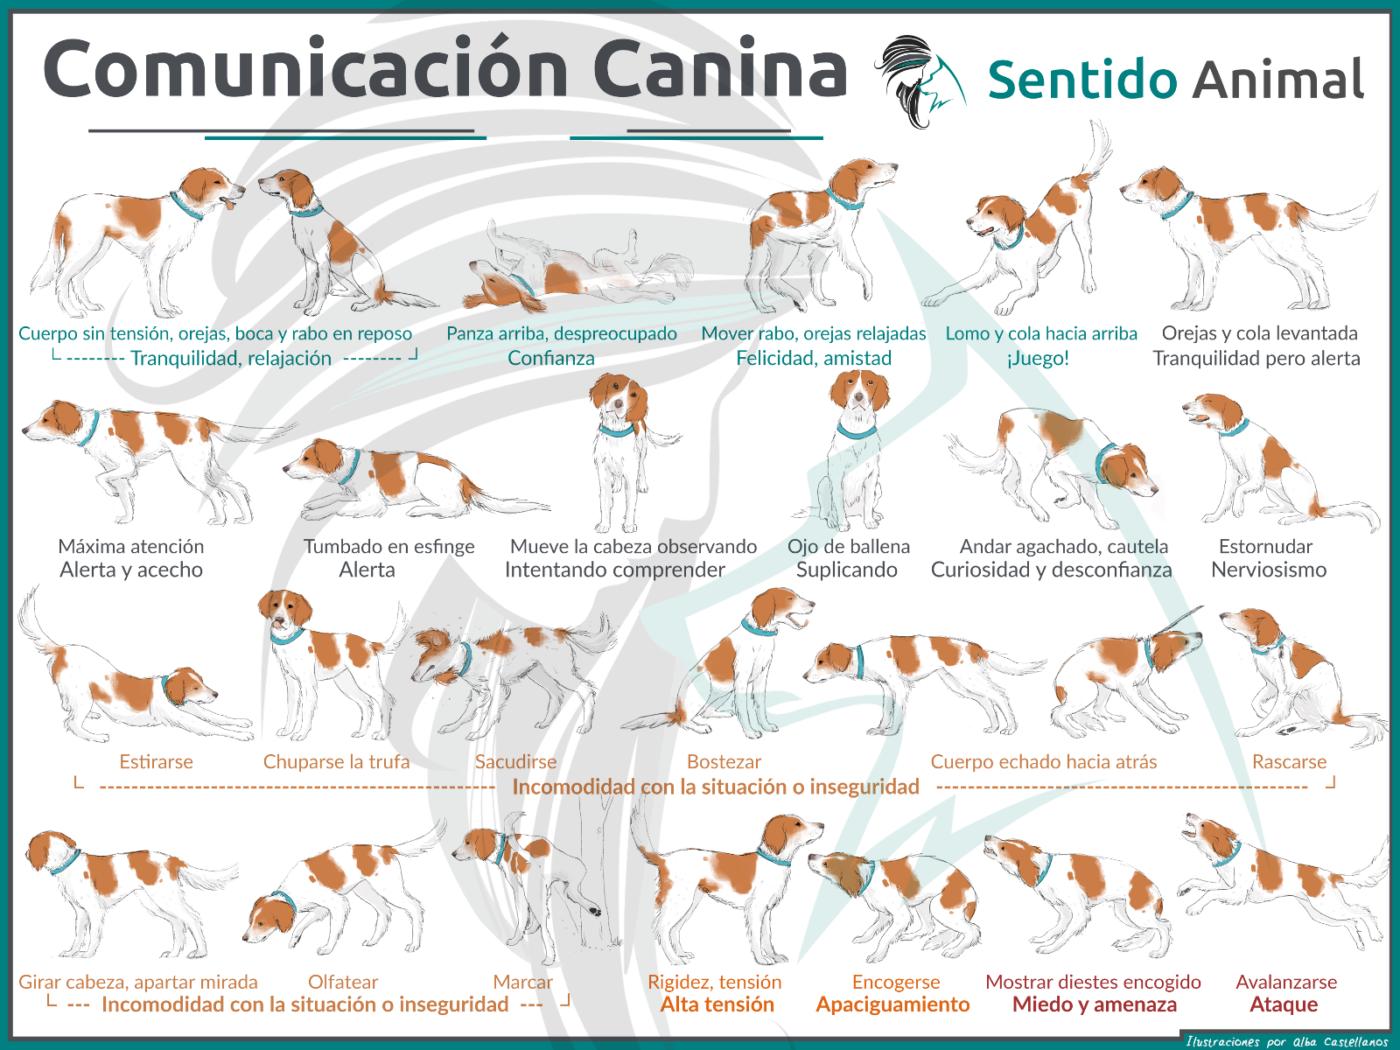 comunicación canina - posición de ataque